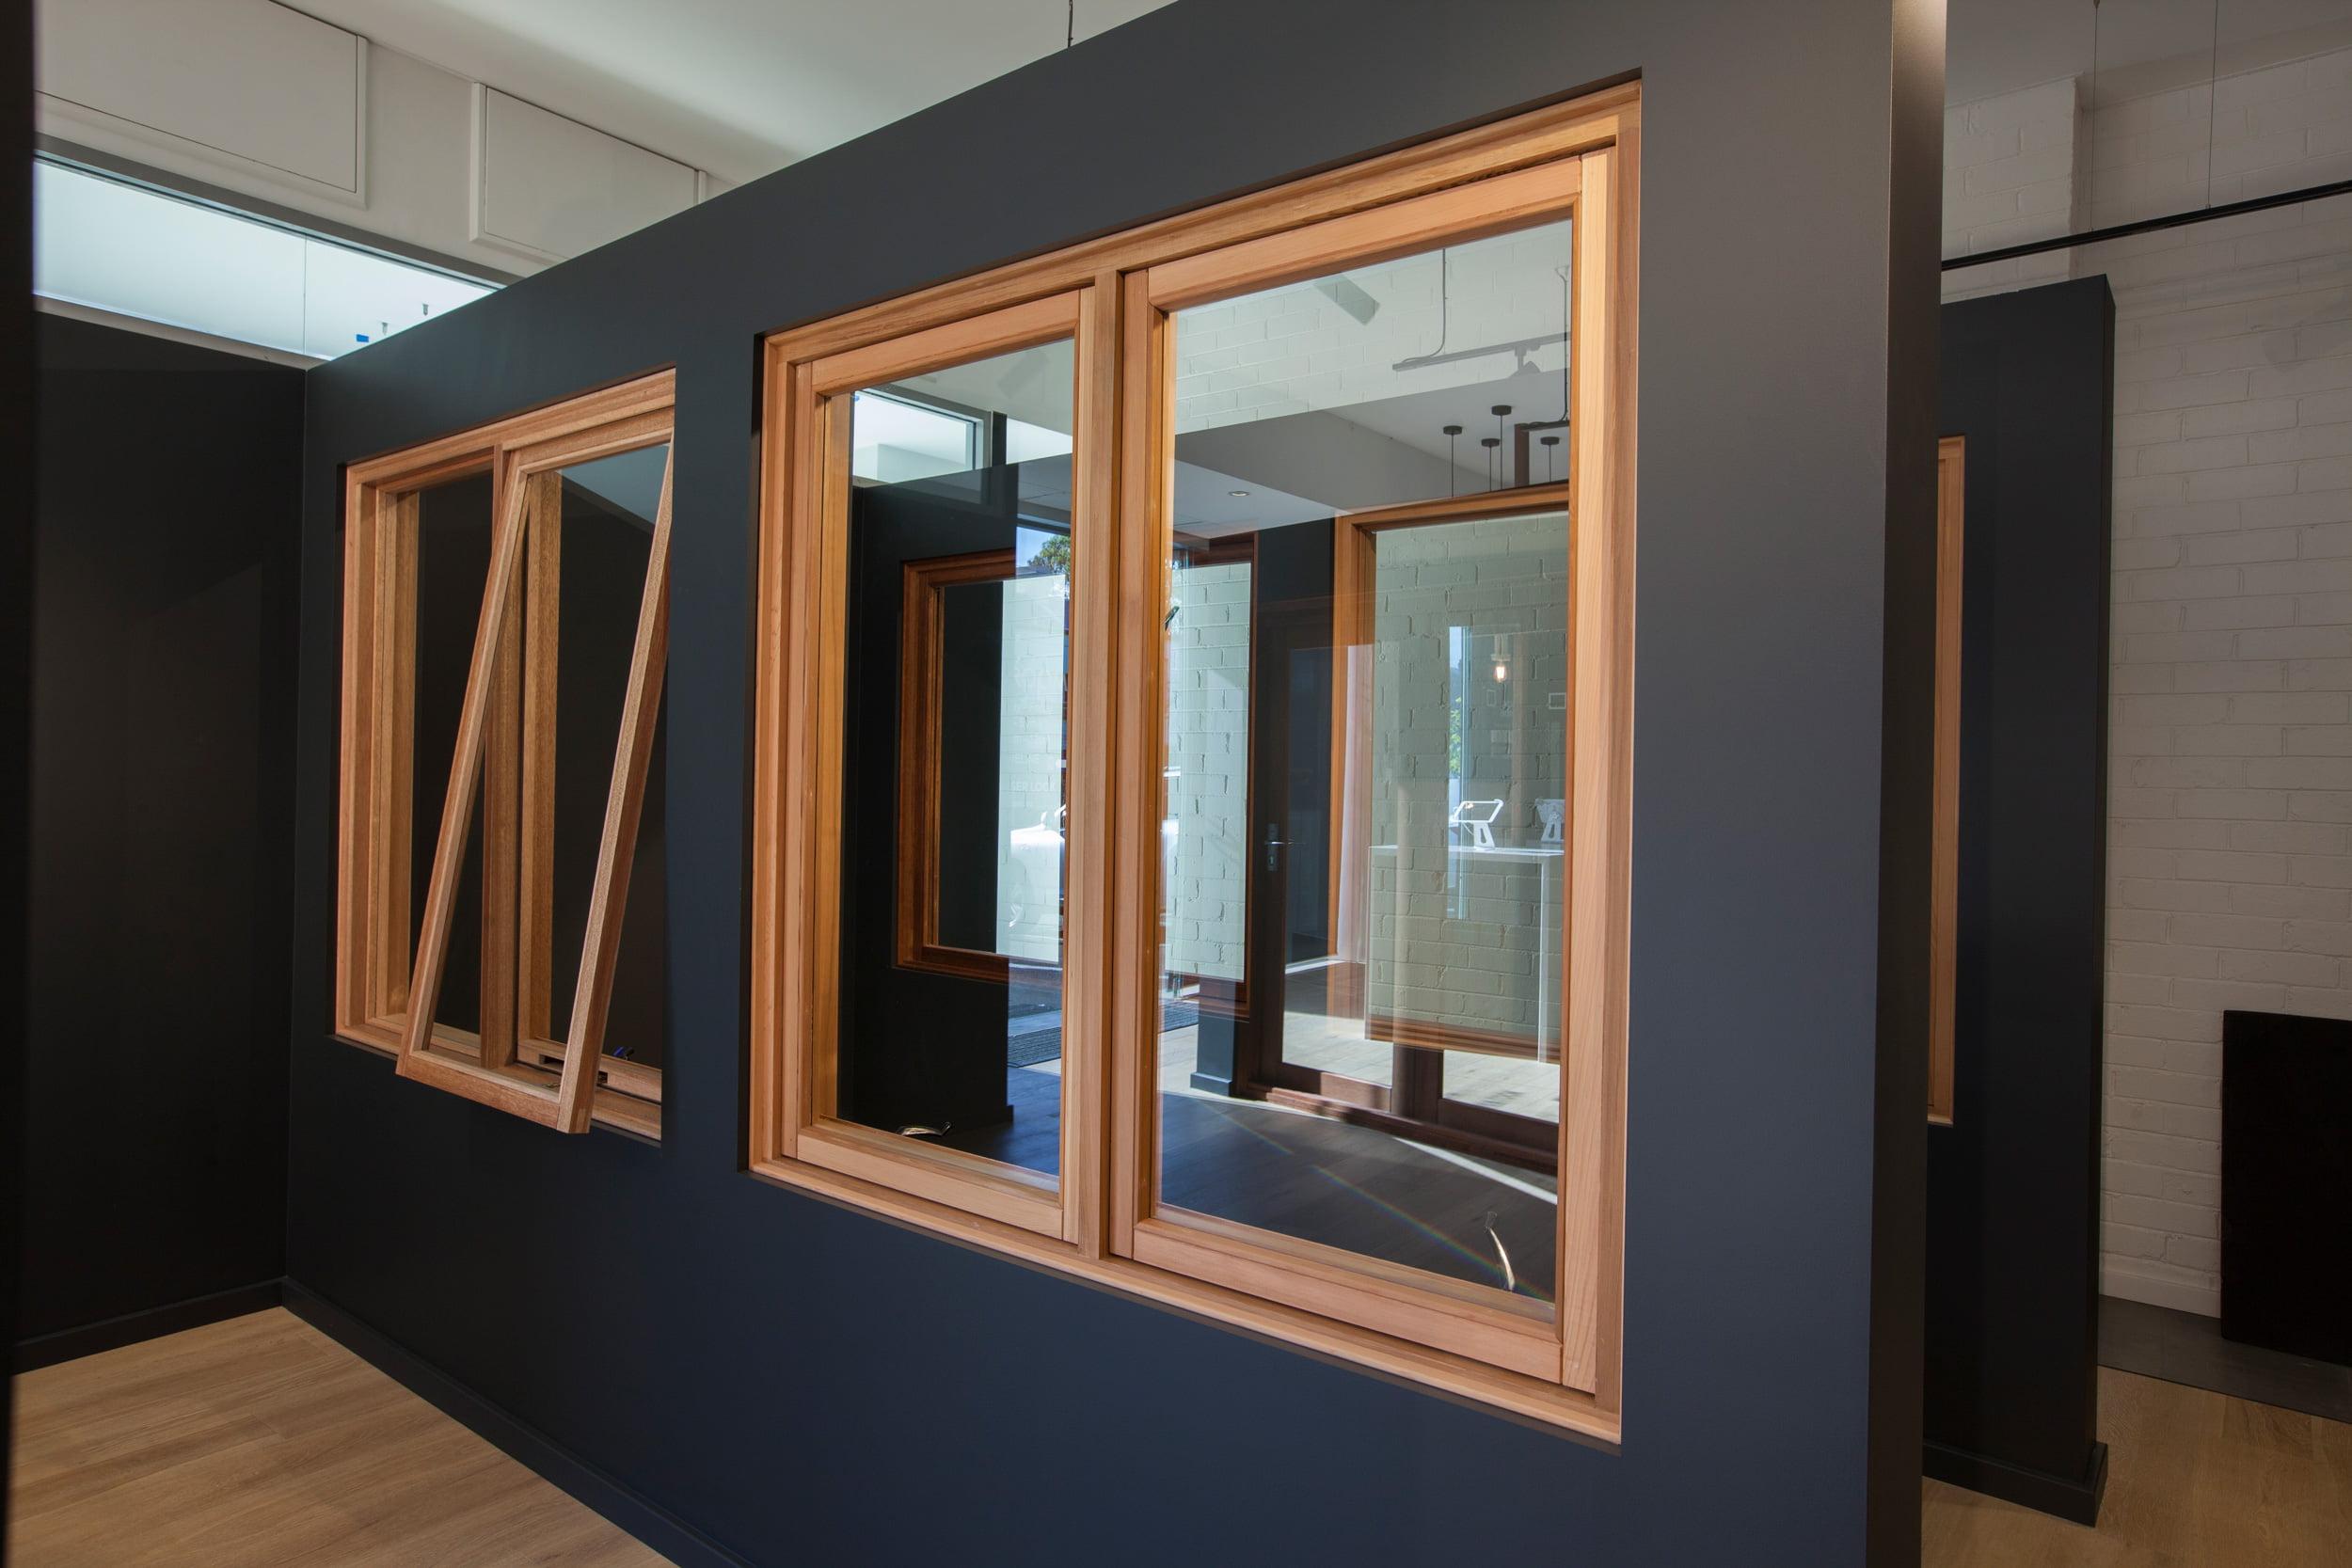 Natura timber awning and casement windows